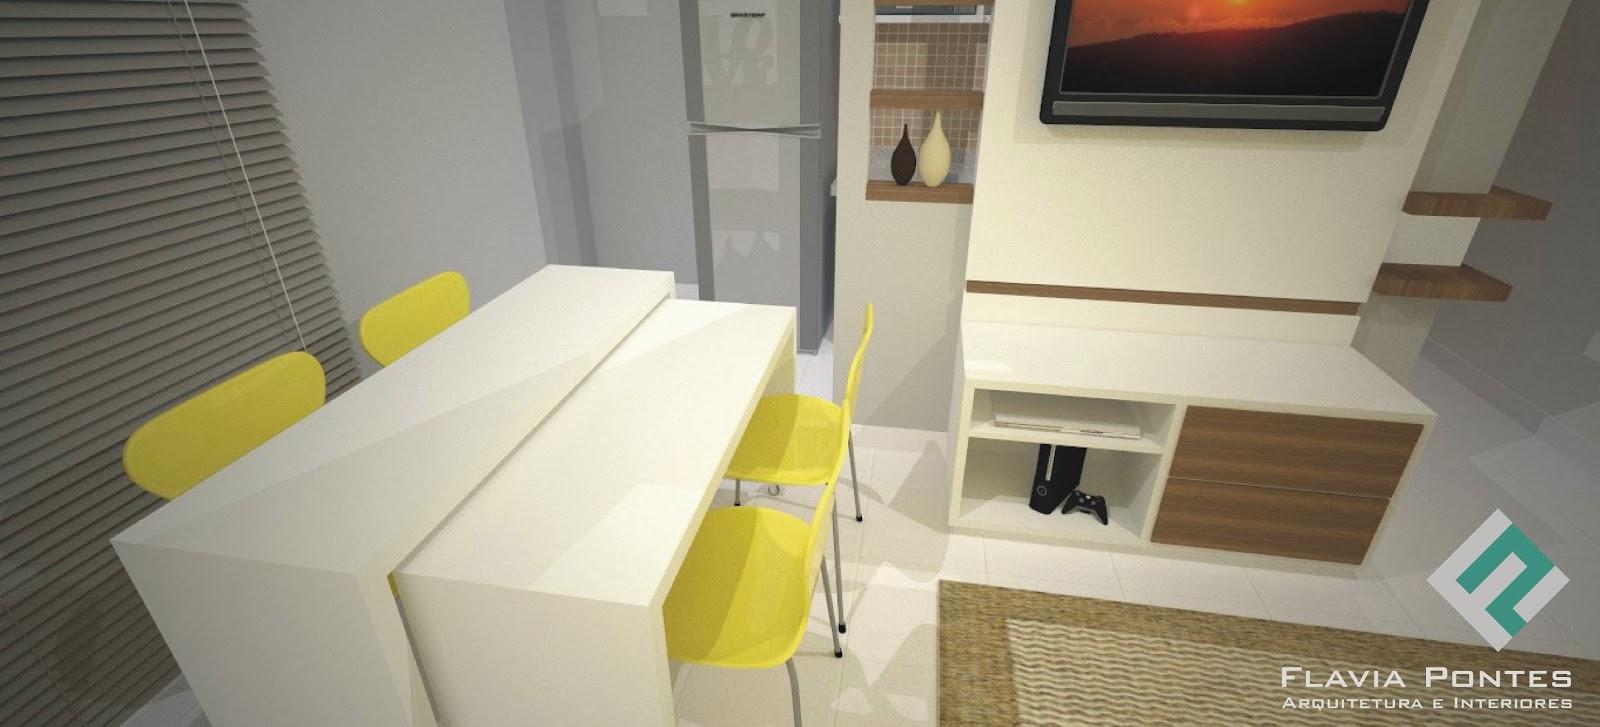 Flavia pontes arquitetura for Mesas para apartamentos pequenos